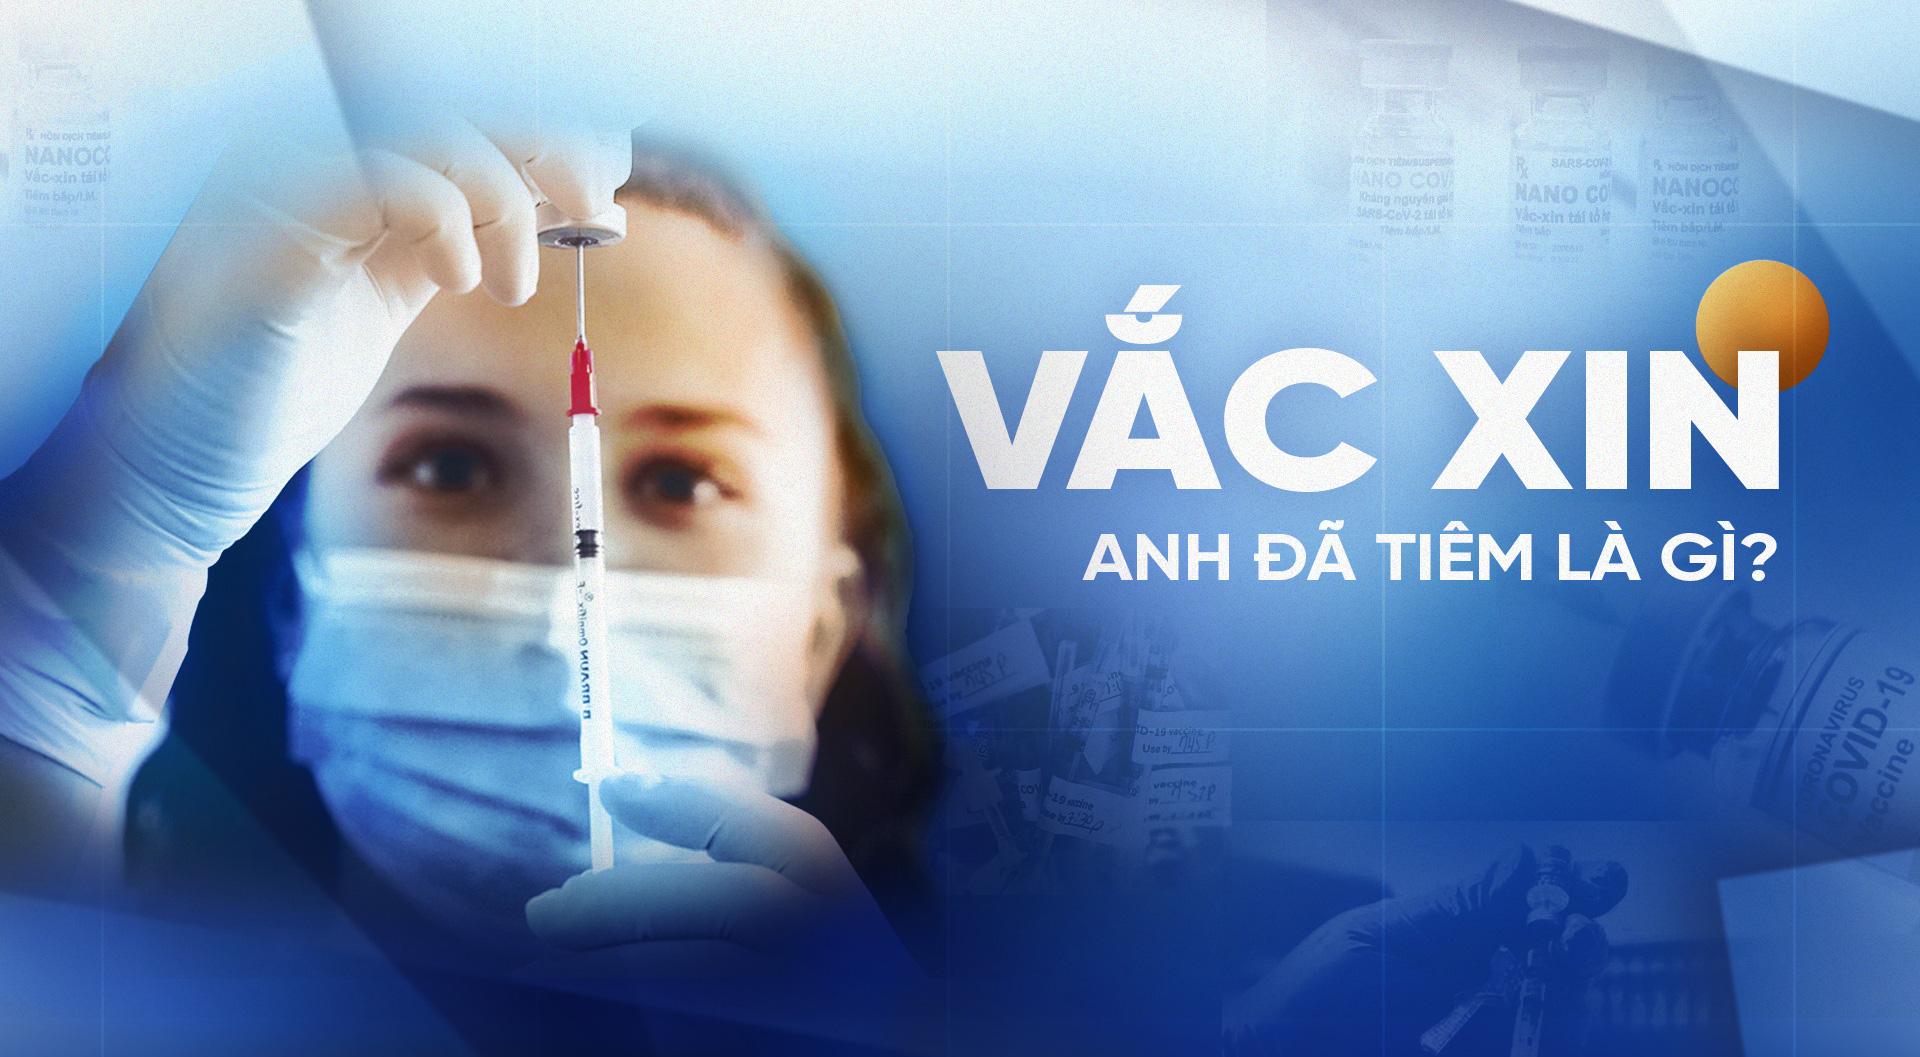 Vắc xin anh đã tiêm là gì?